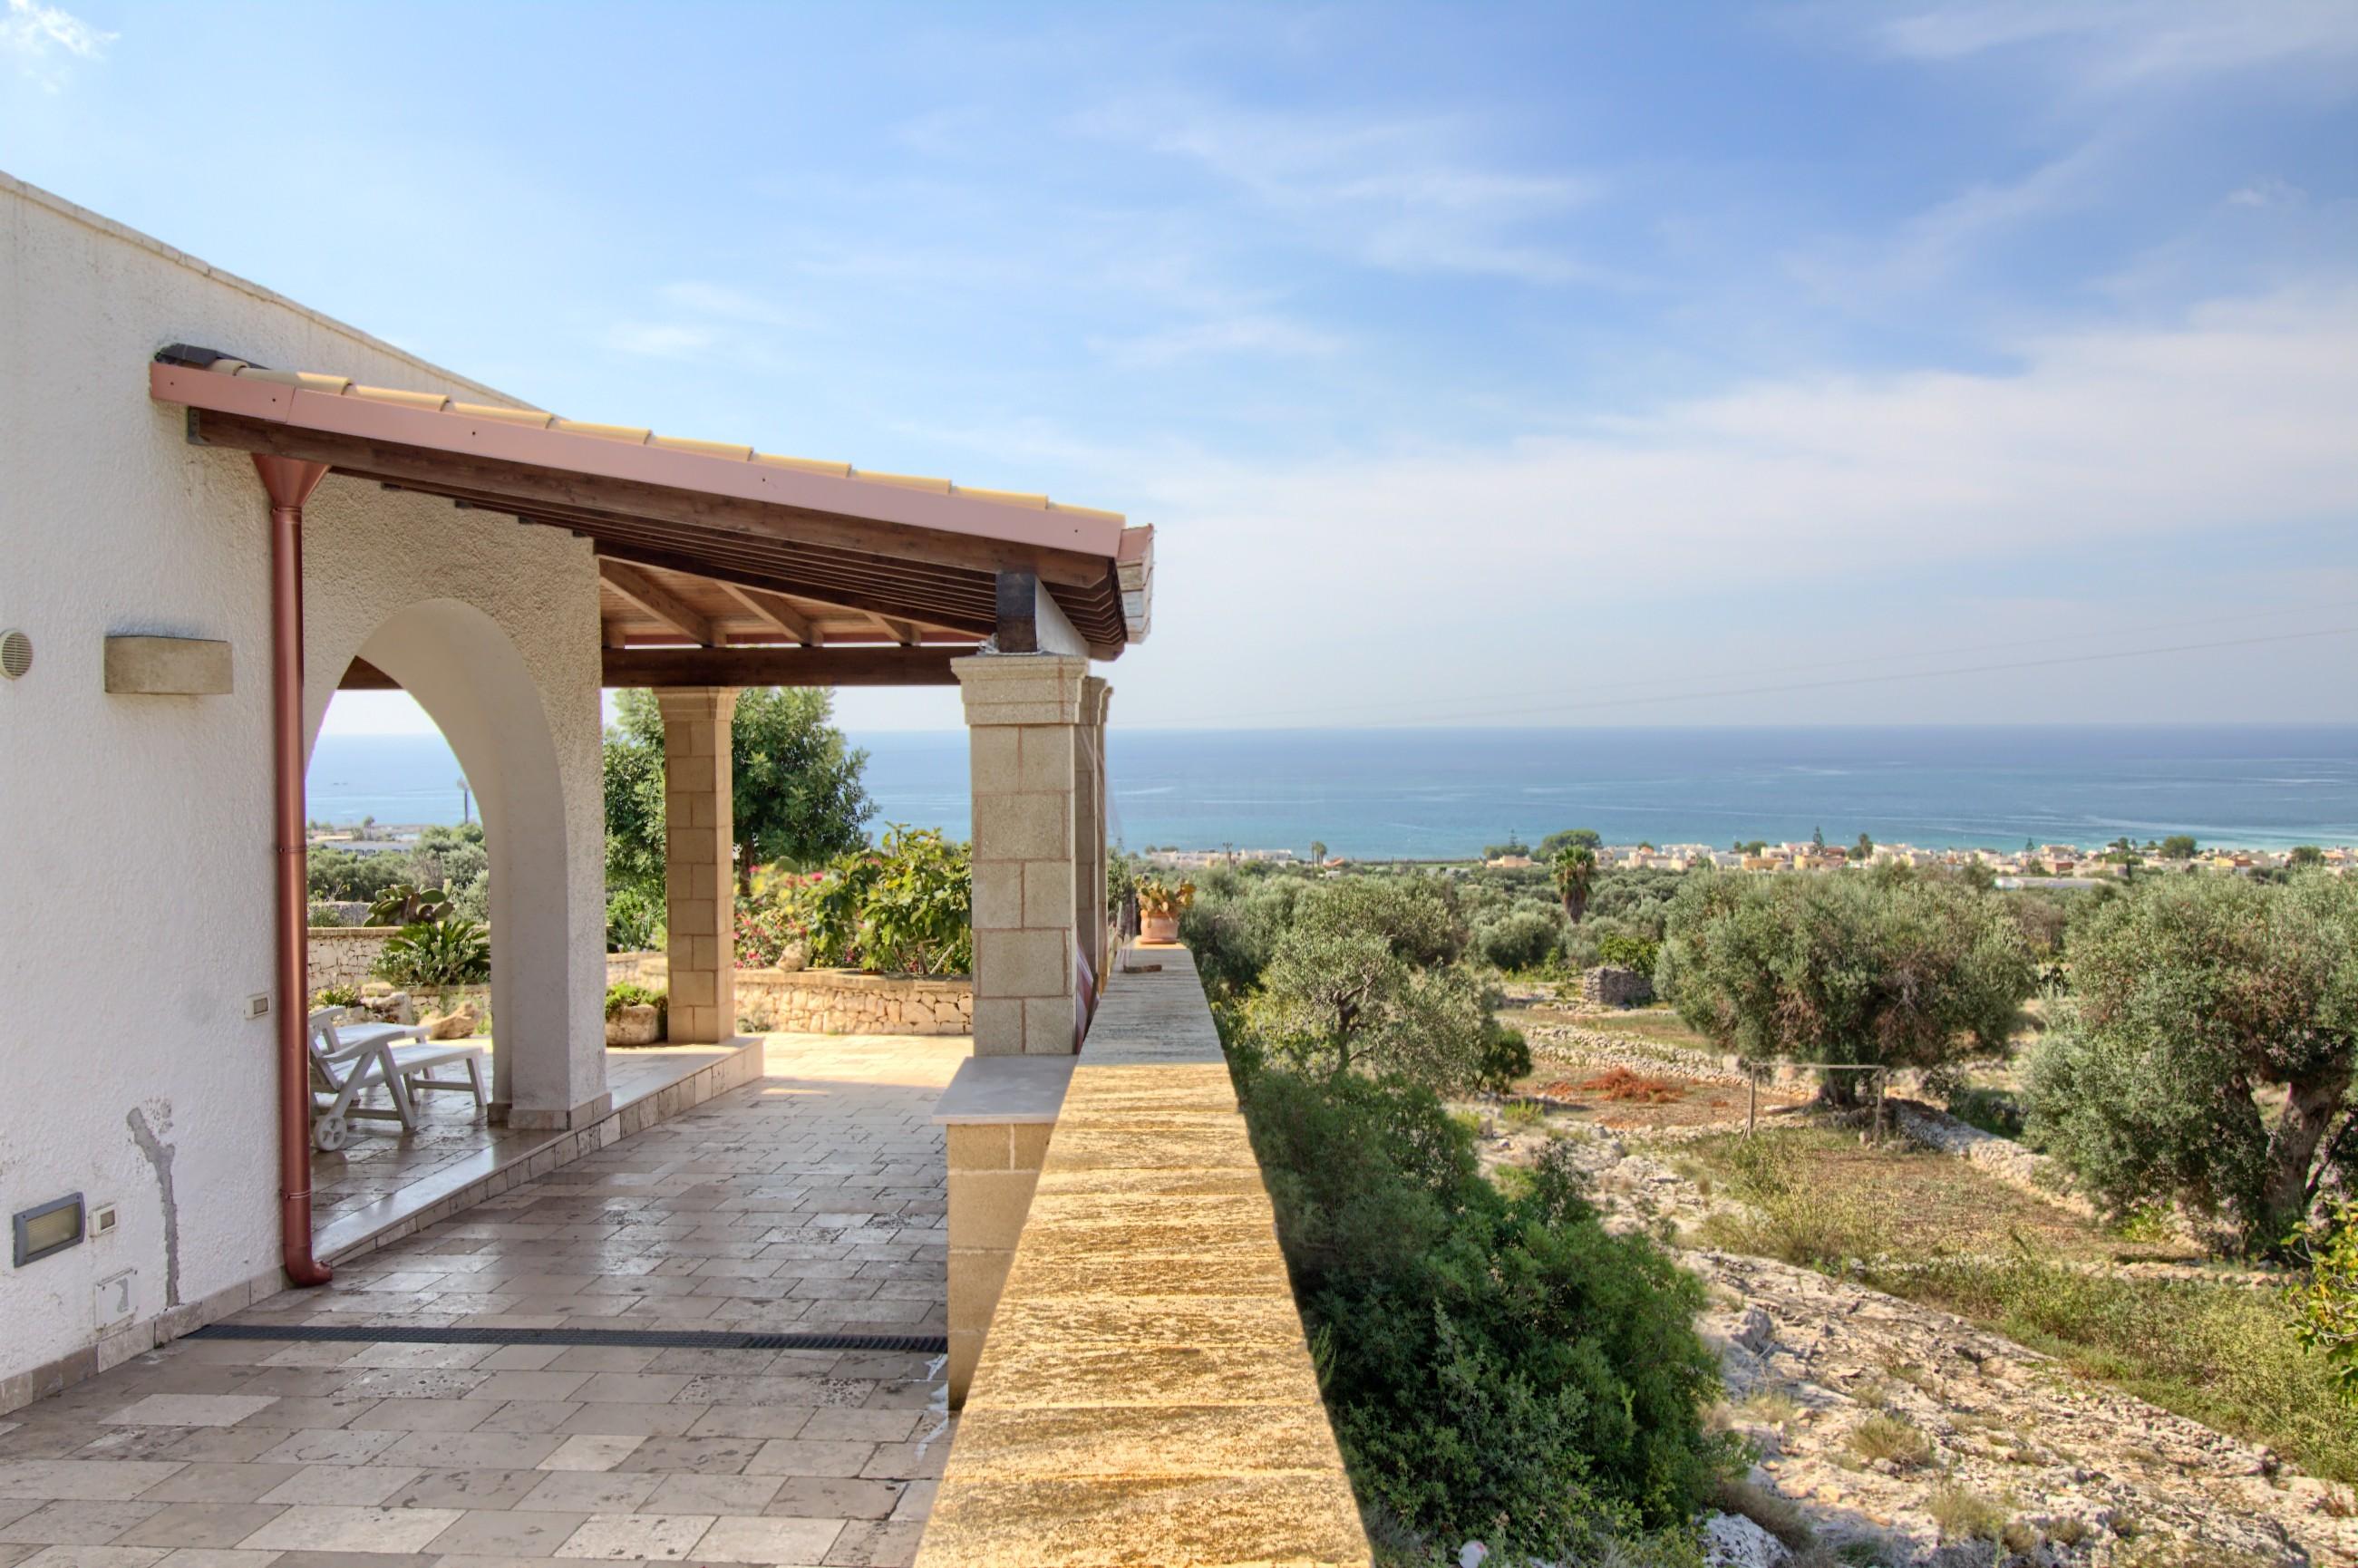 Apartment Grazia lovely seaview Pescoluse photo 22167170